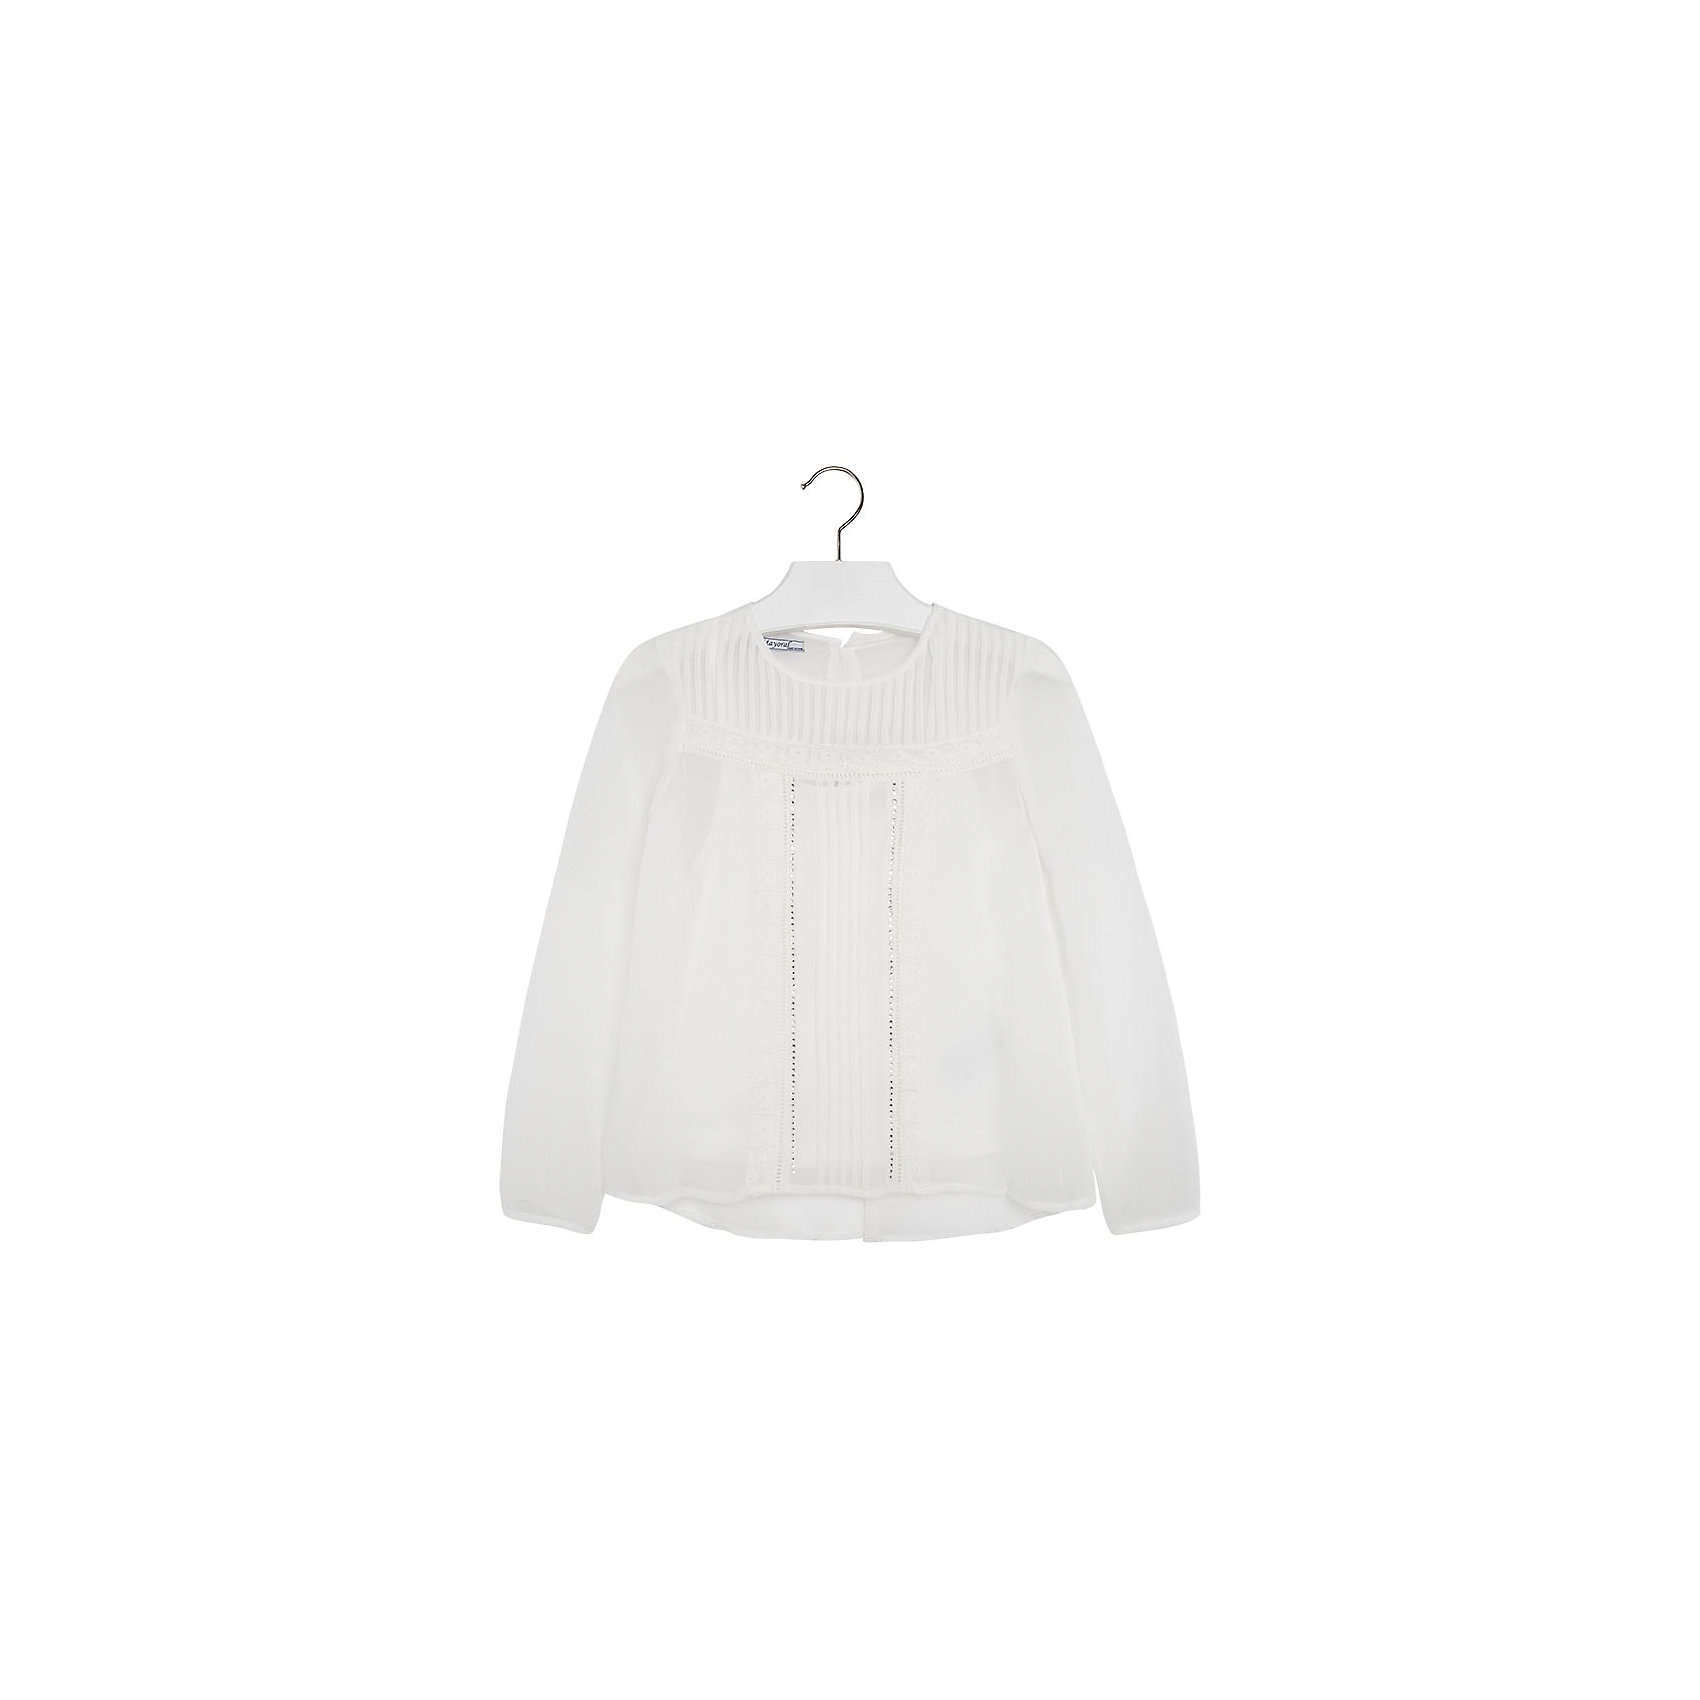 Блузка для девочки MayoralБлузка для девочки от популярной испанской марки Mayoral.<br><br>Эффектная белая блузка Mayoral поможет создать девочке стильный и нарядный образ. Комфортный крой и качественный материал обеспечит комфорт при ношении этой вещи.<br>Модель имеет следующие особенности:<br><br>- нарядный белый цвет;<br>- тонкая легкая ткань;<br>- украшена стразами и вертикальными складками;<br>- застежка-молния;<br>- майка под низ в комплекте.<br><br>Состав: 100% полиэстер<br><br>Уход за изделием:<br><br>стирка в машине при температуре до 30°С,<br>не отбеливать,<br>гладить на низкой температуре.<br><br>Блузку для девочки Mayoral (Майорал) можно купить в нашем магазине.<br><br>Ширина мм: 186<br>Глубина мм: 87<br>Высота мм: 198<br>Вес г: 197<br>Цвет: бежевый<br>Возраст от месяцев: 132<br>Возраст до месяцев: 144<br>Пол: Женский<br>Возраст: Детский<br>Размер: 152,164,128,158,140<br>SKU: 4192500